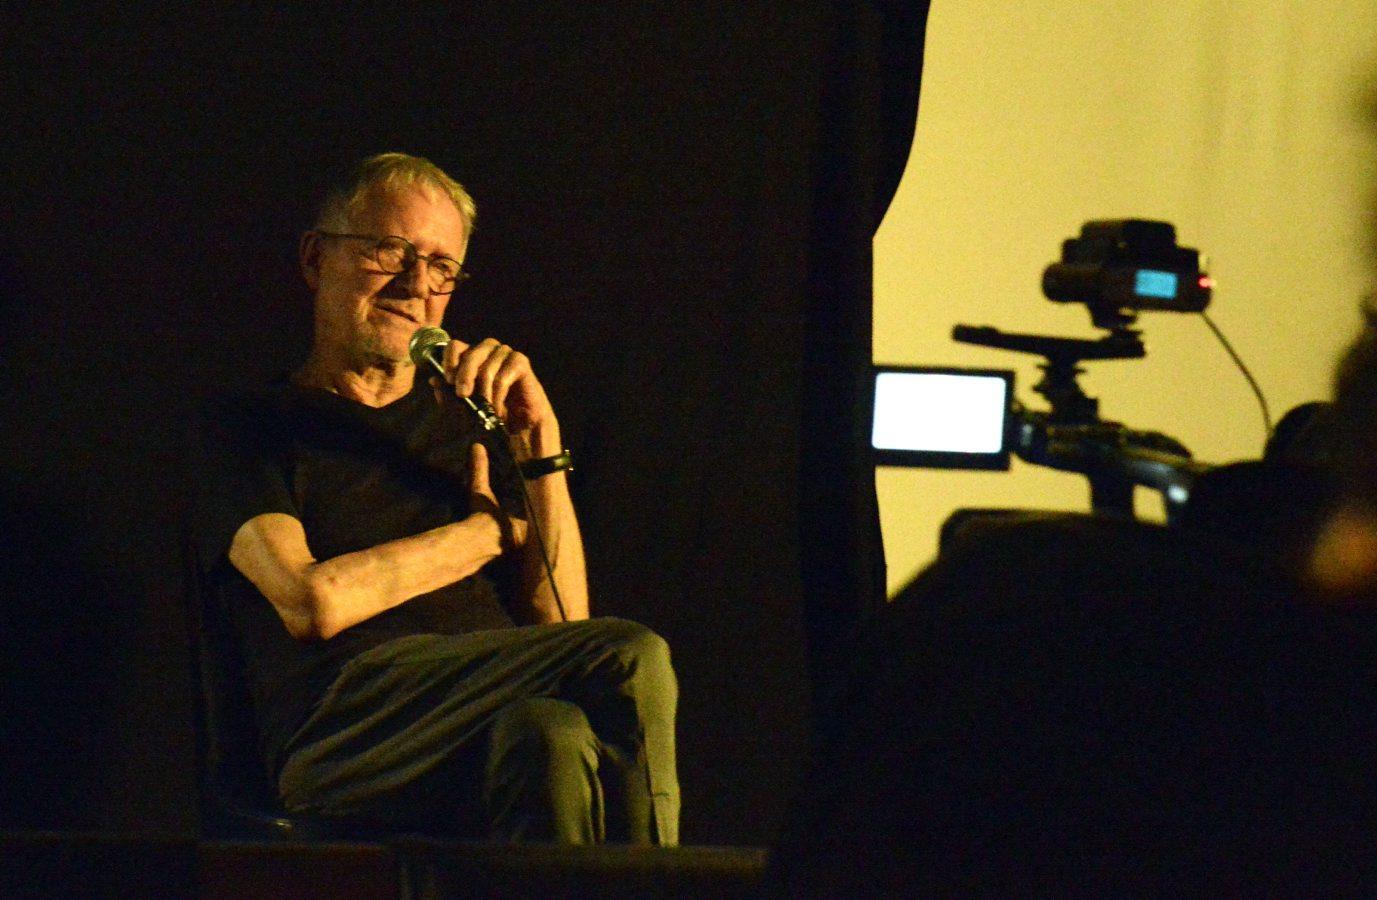 Escola de Cinema Darcy Ribeiro homenageia Jean-Claude Bernardet em sessão especial de cineclube